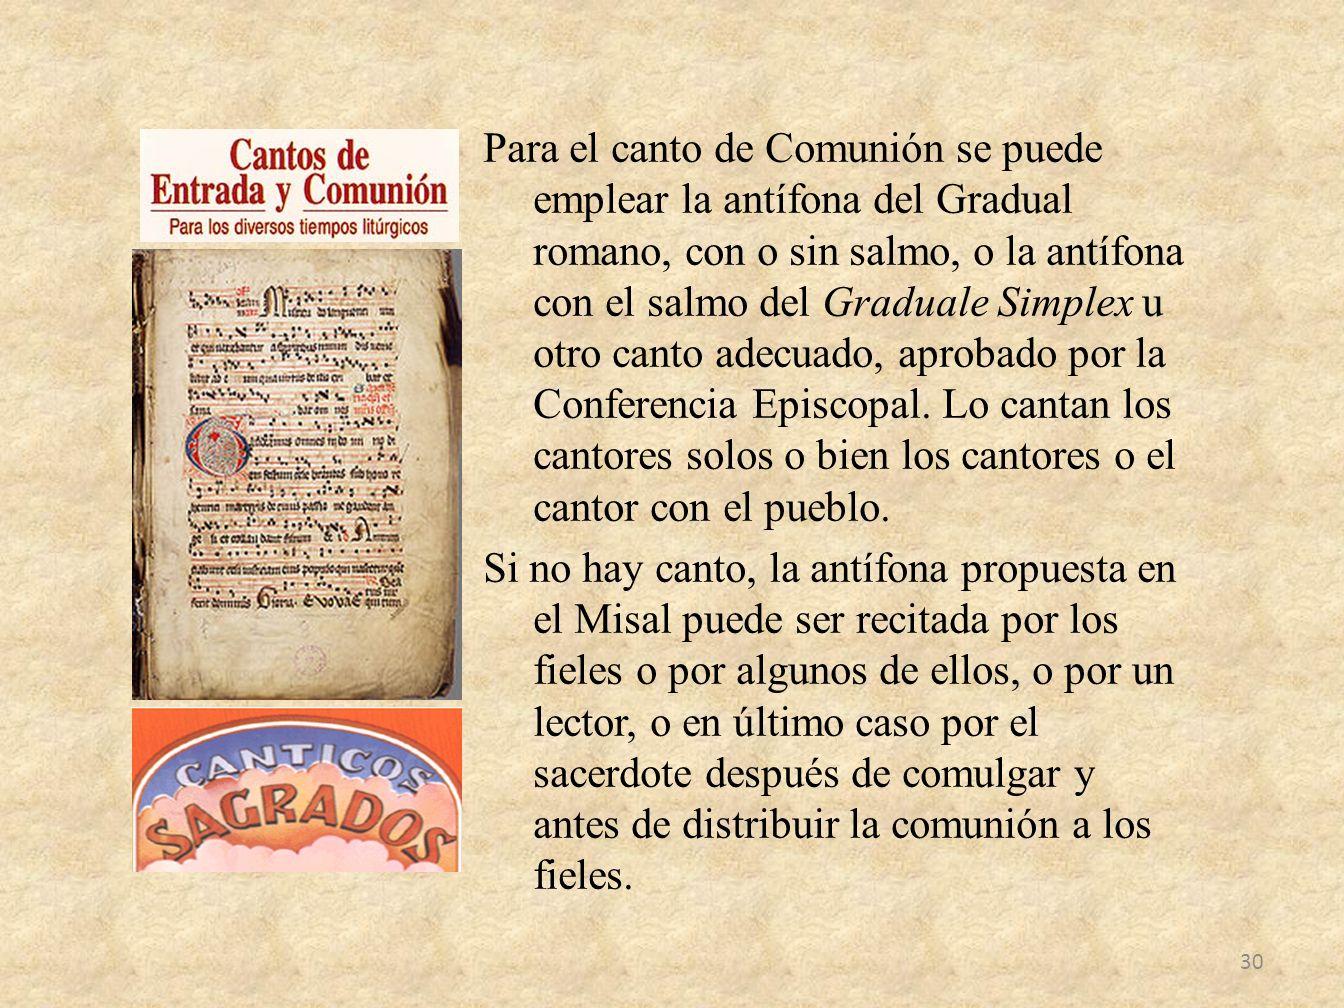 Terminada la distribución de la Comunión, según las circunstancias, el sacerdote y los fieles oran en secreto por algunos momentos.